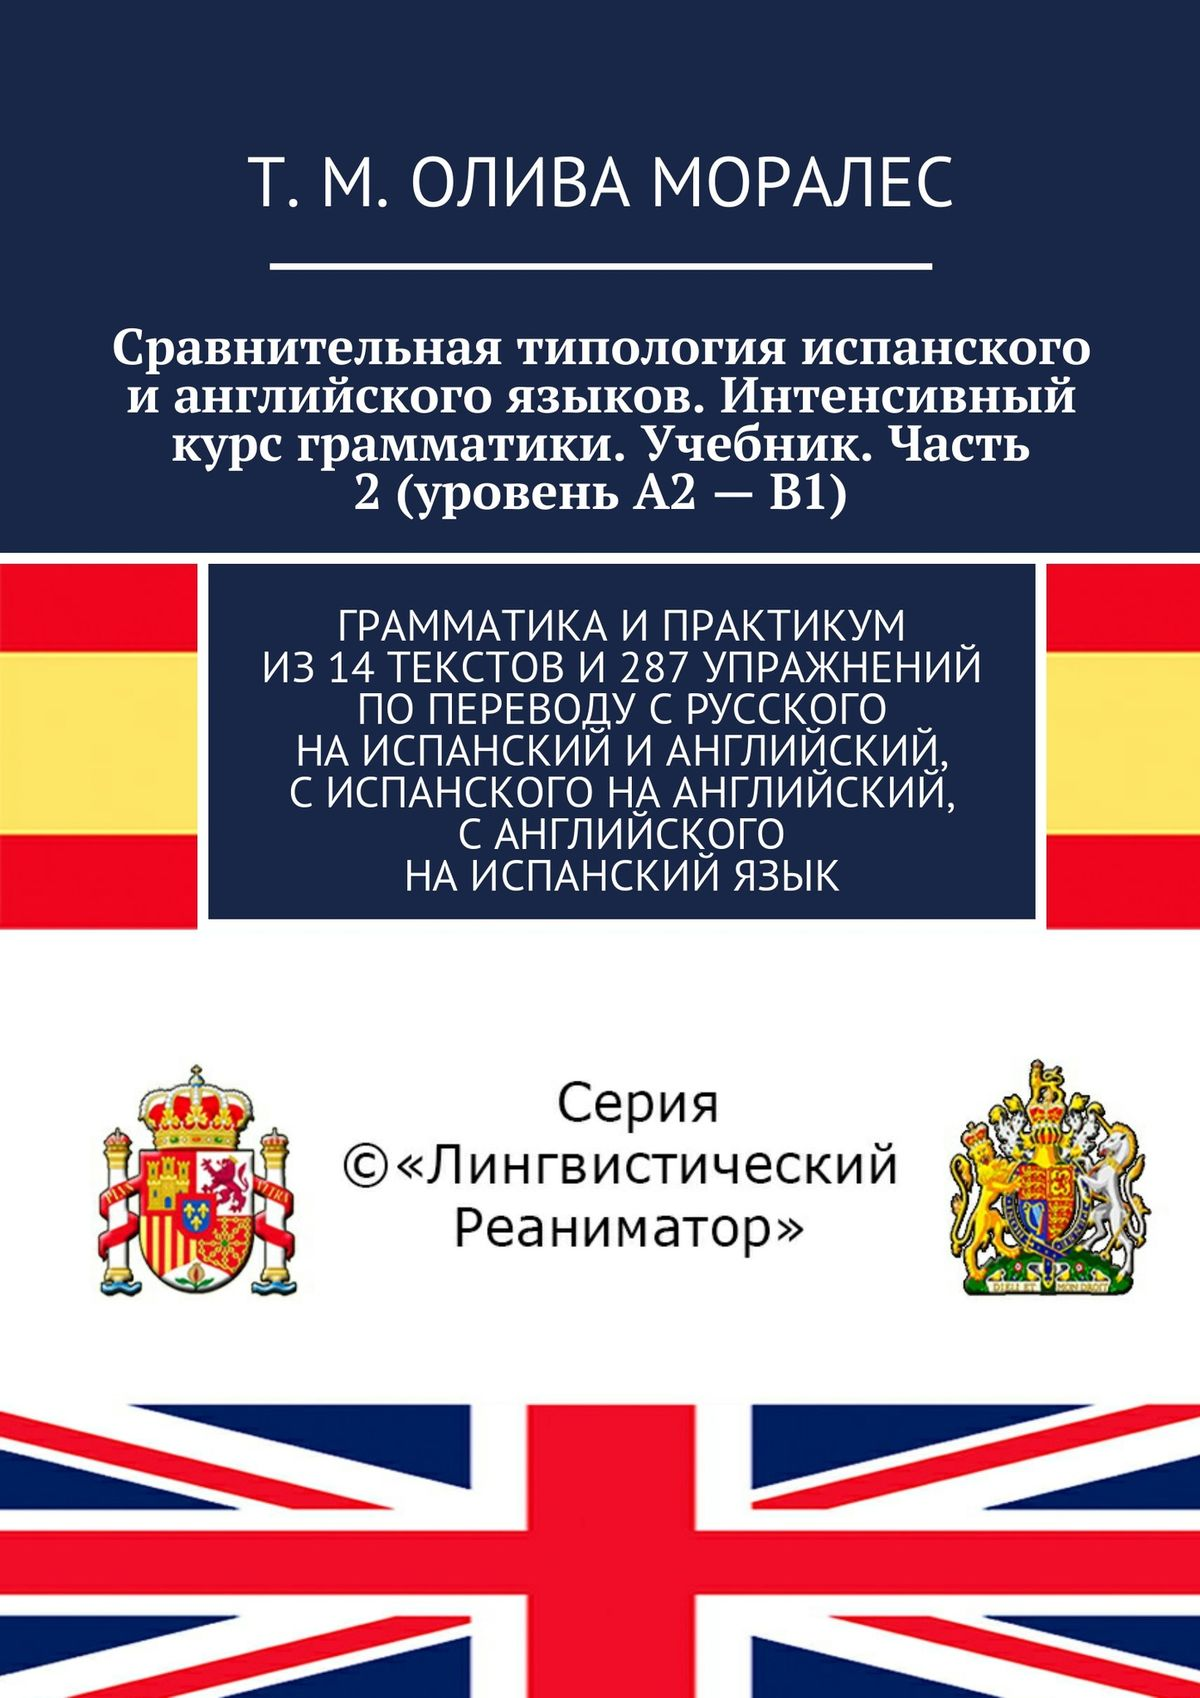 Сравнительная типология испанского ианглийского языков. Интенсивный курс грамматики. Учебник. Часть 2(уровень А2–В1). Грамматика ипрактикум из14 текстов и287 упражнений попереводу срусского наиспанский ианглийский, сиспанского наанглийский, с